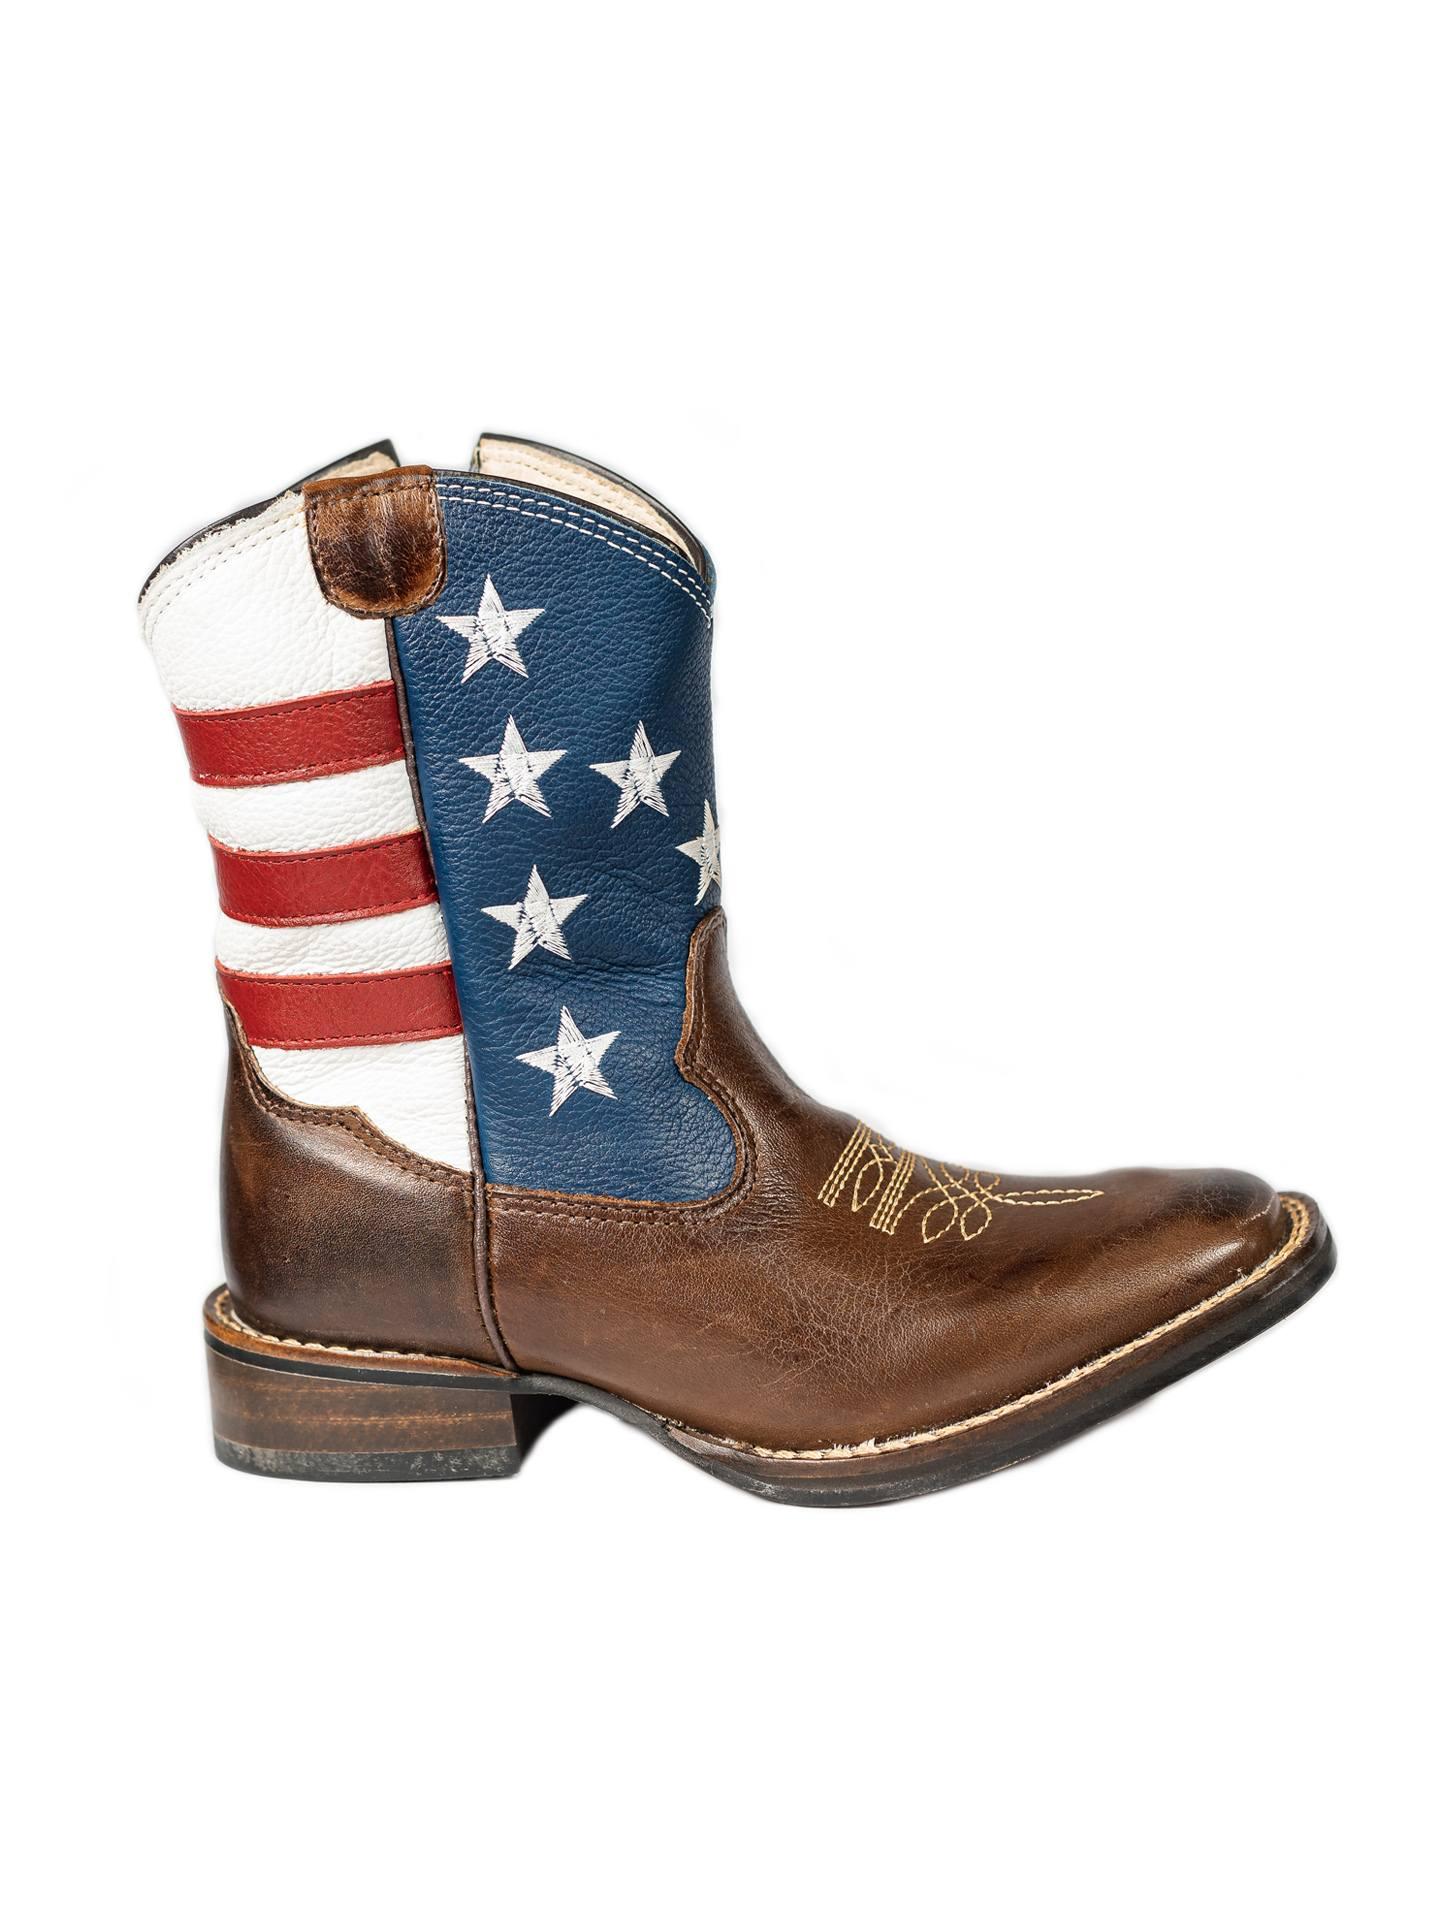 Bota Texana Infantil Country de Couro EUA Original Picolotto